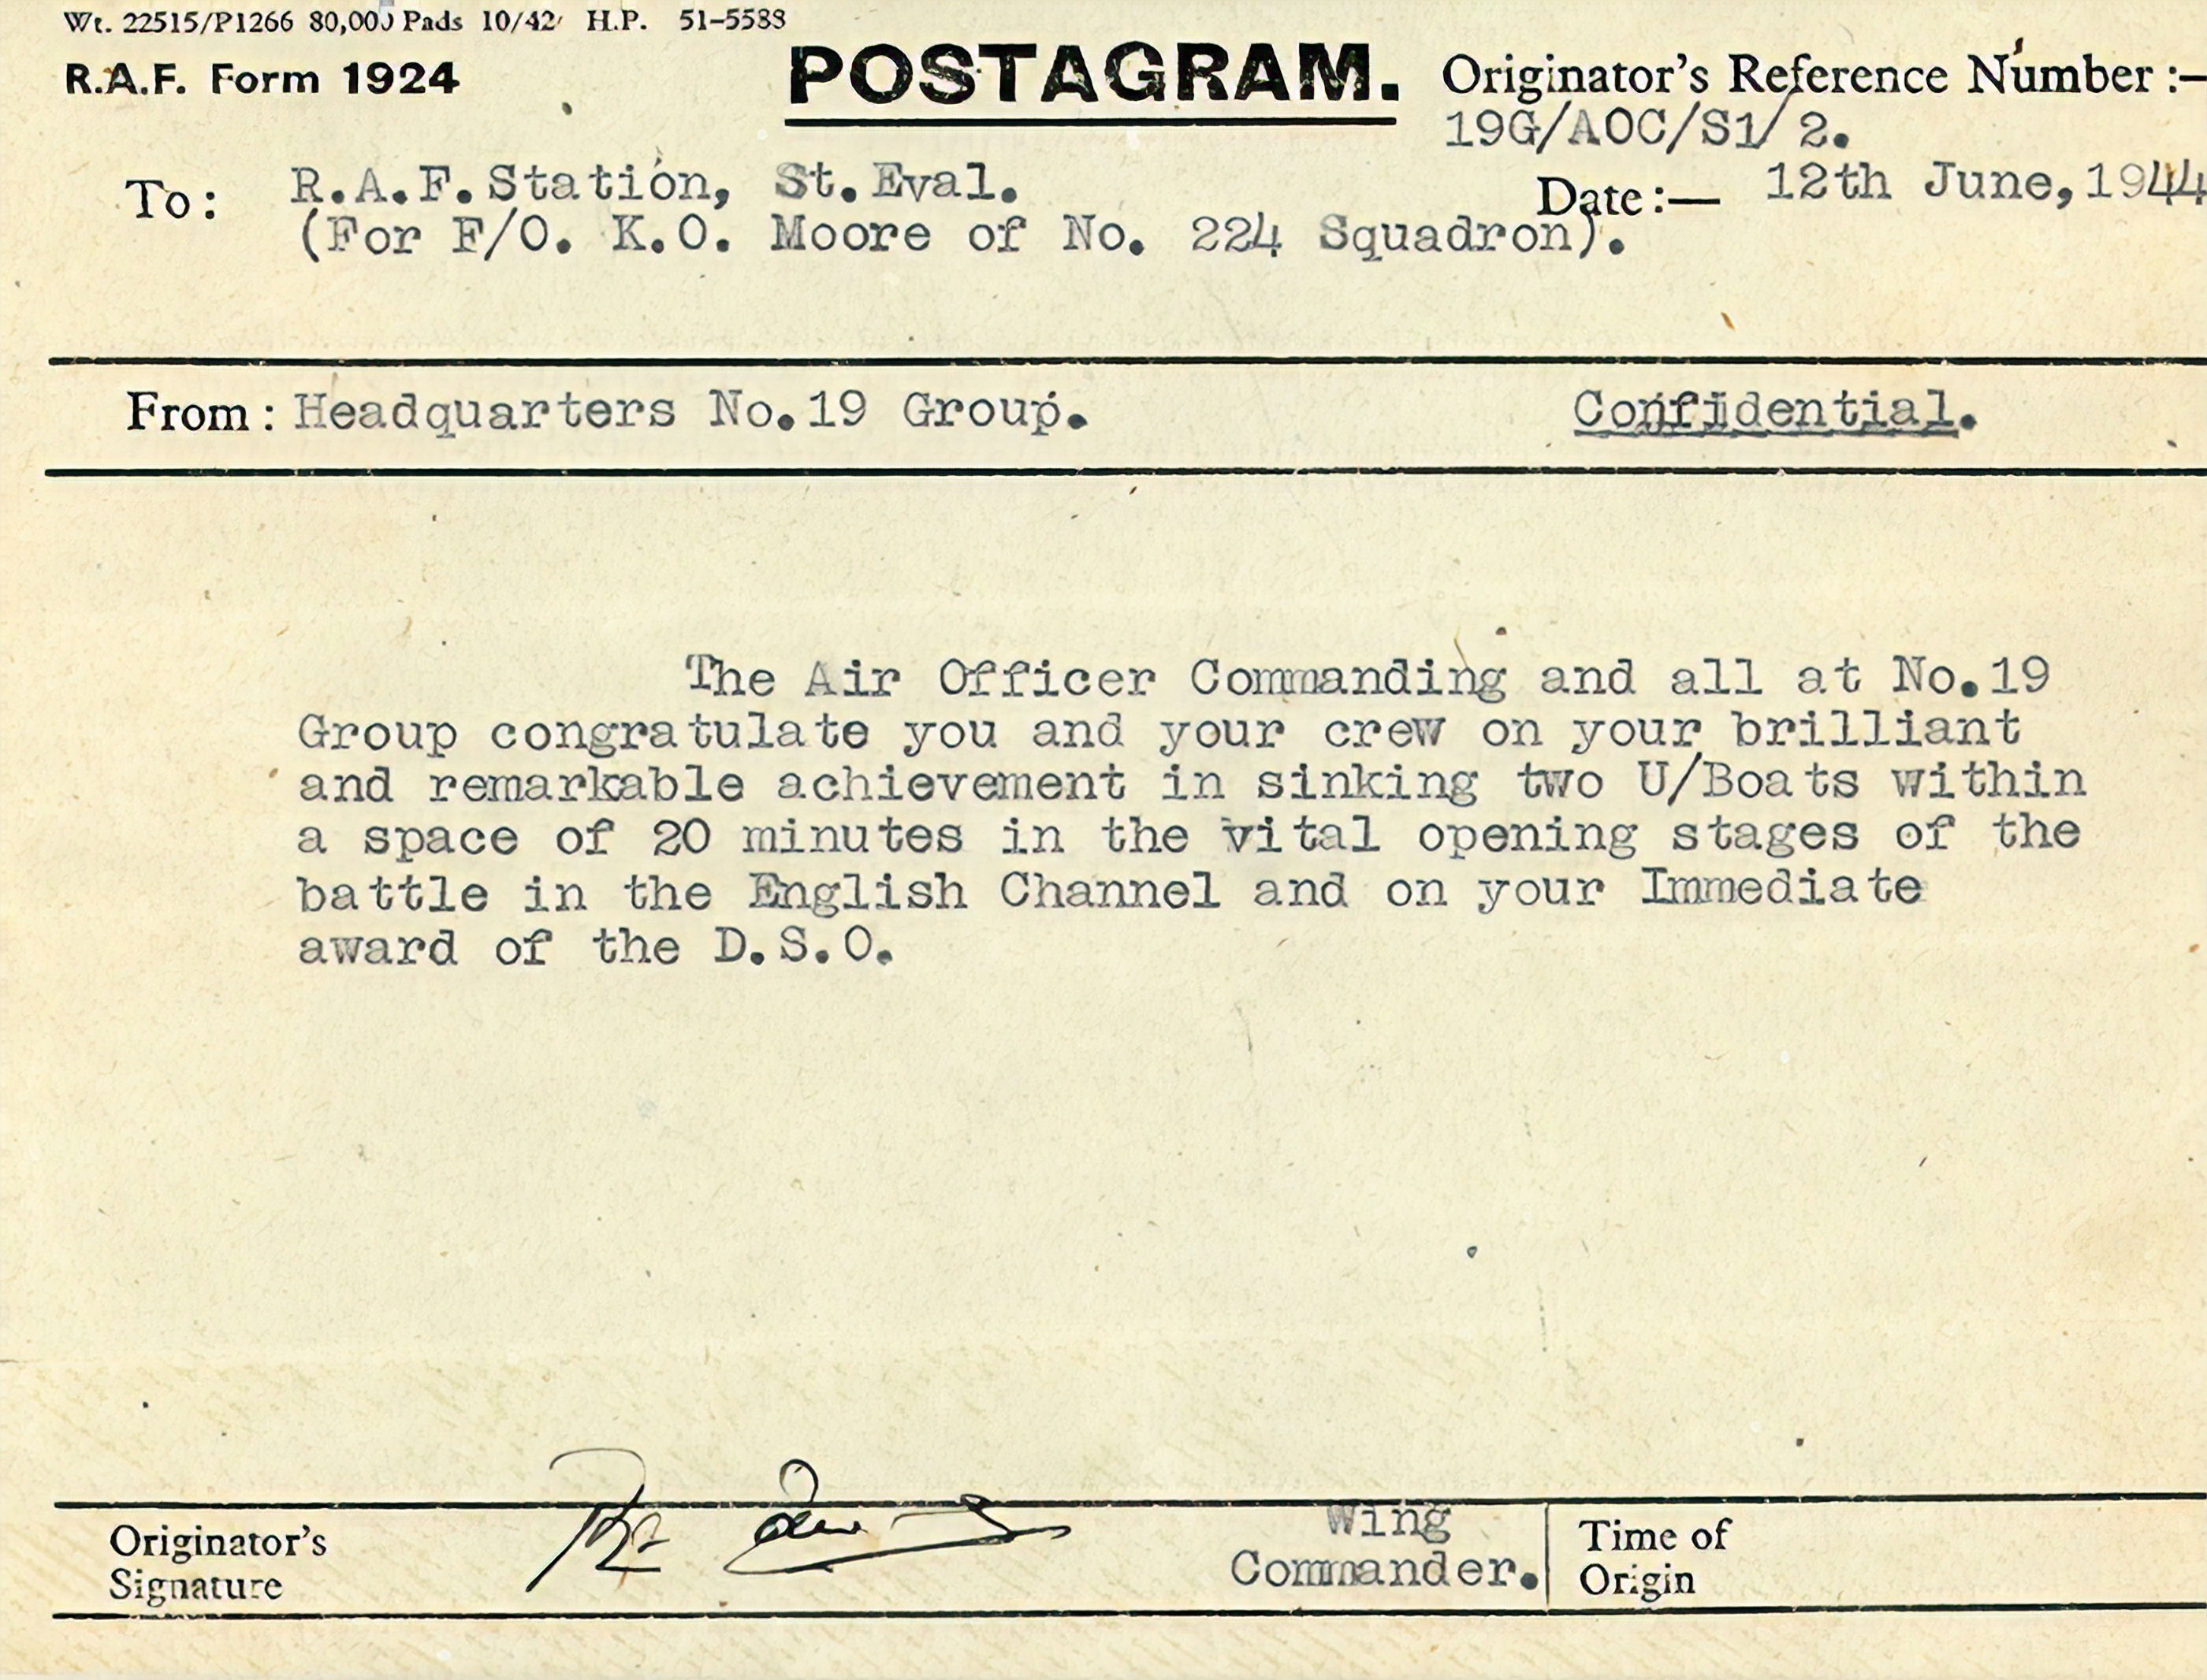 Photo of telegram.